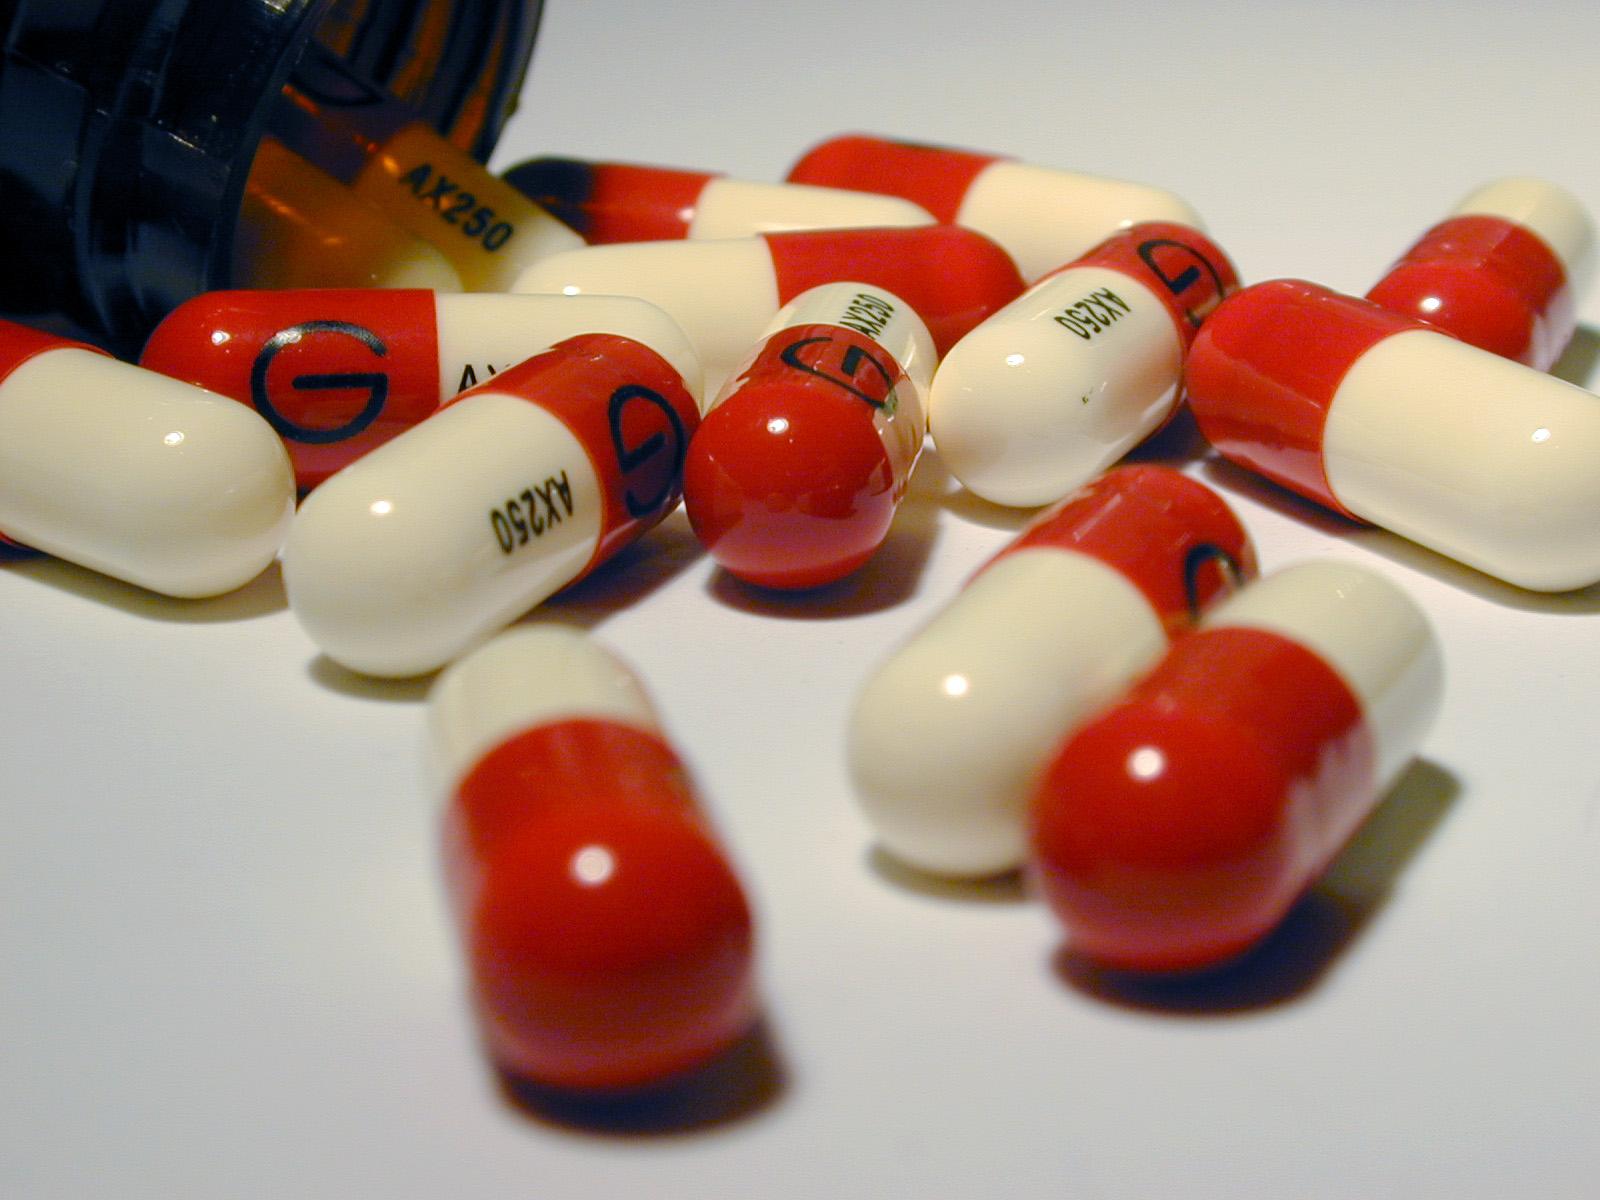 حكم تناول الأدوية المغلفة بالجيلاتين